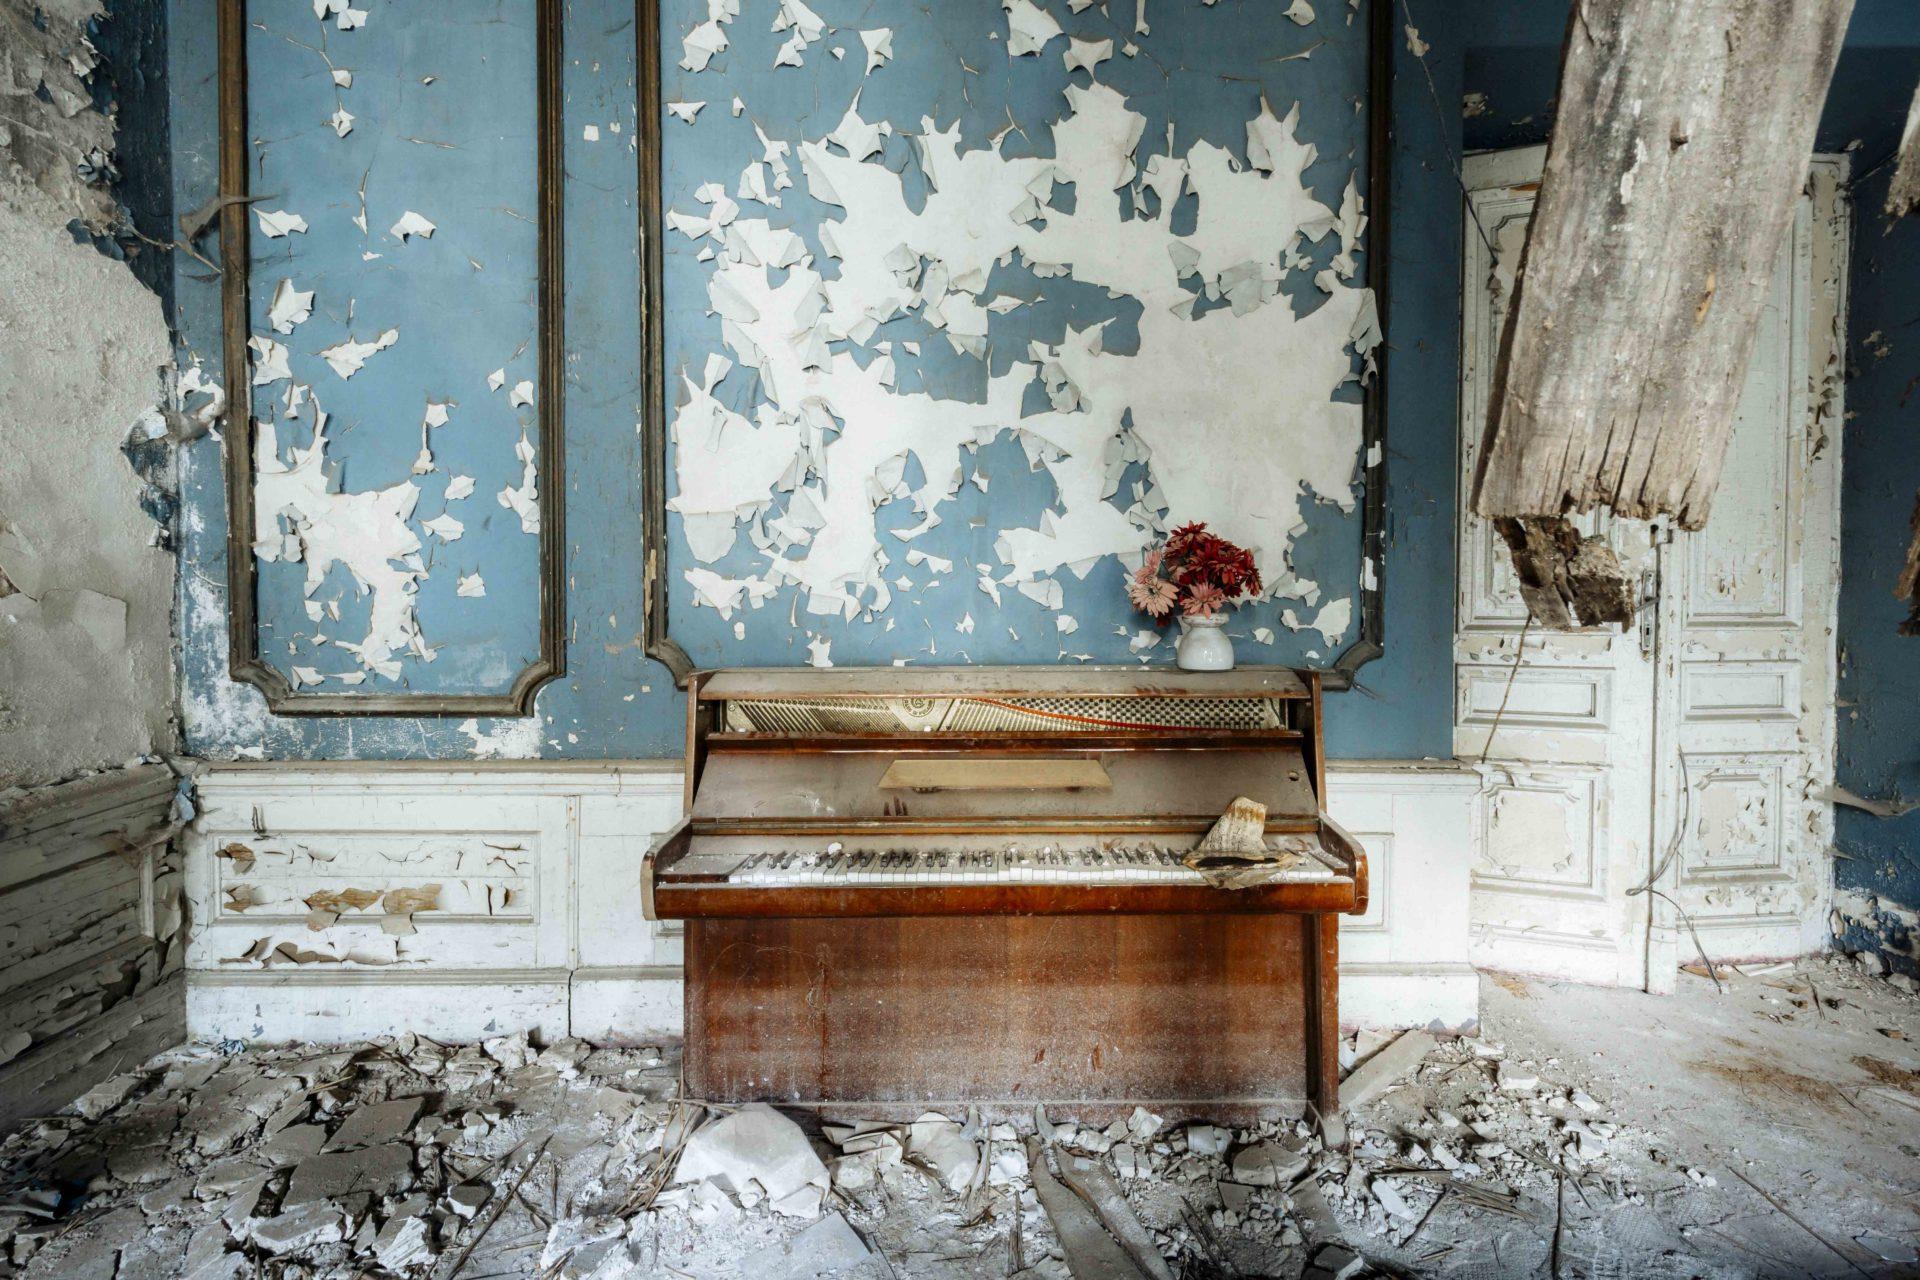 Requiem pour pianos 47 | Serie Requiem pour pianos | Romain Thiery | Poland